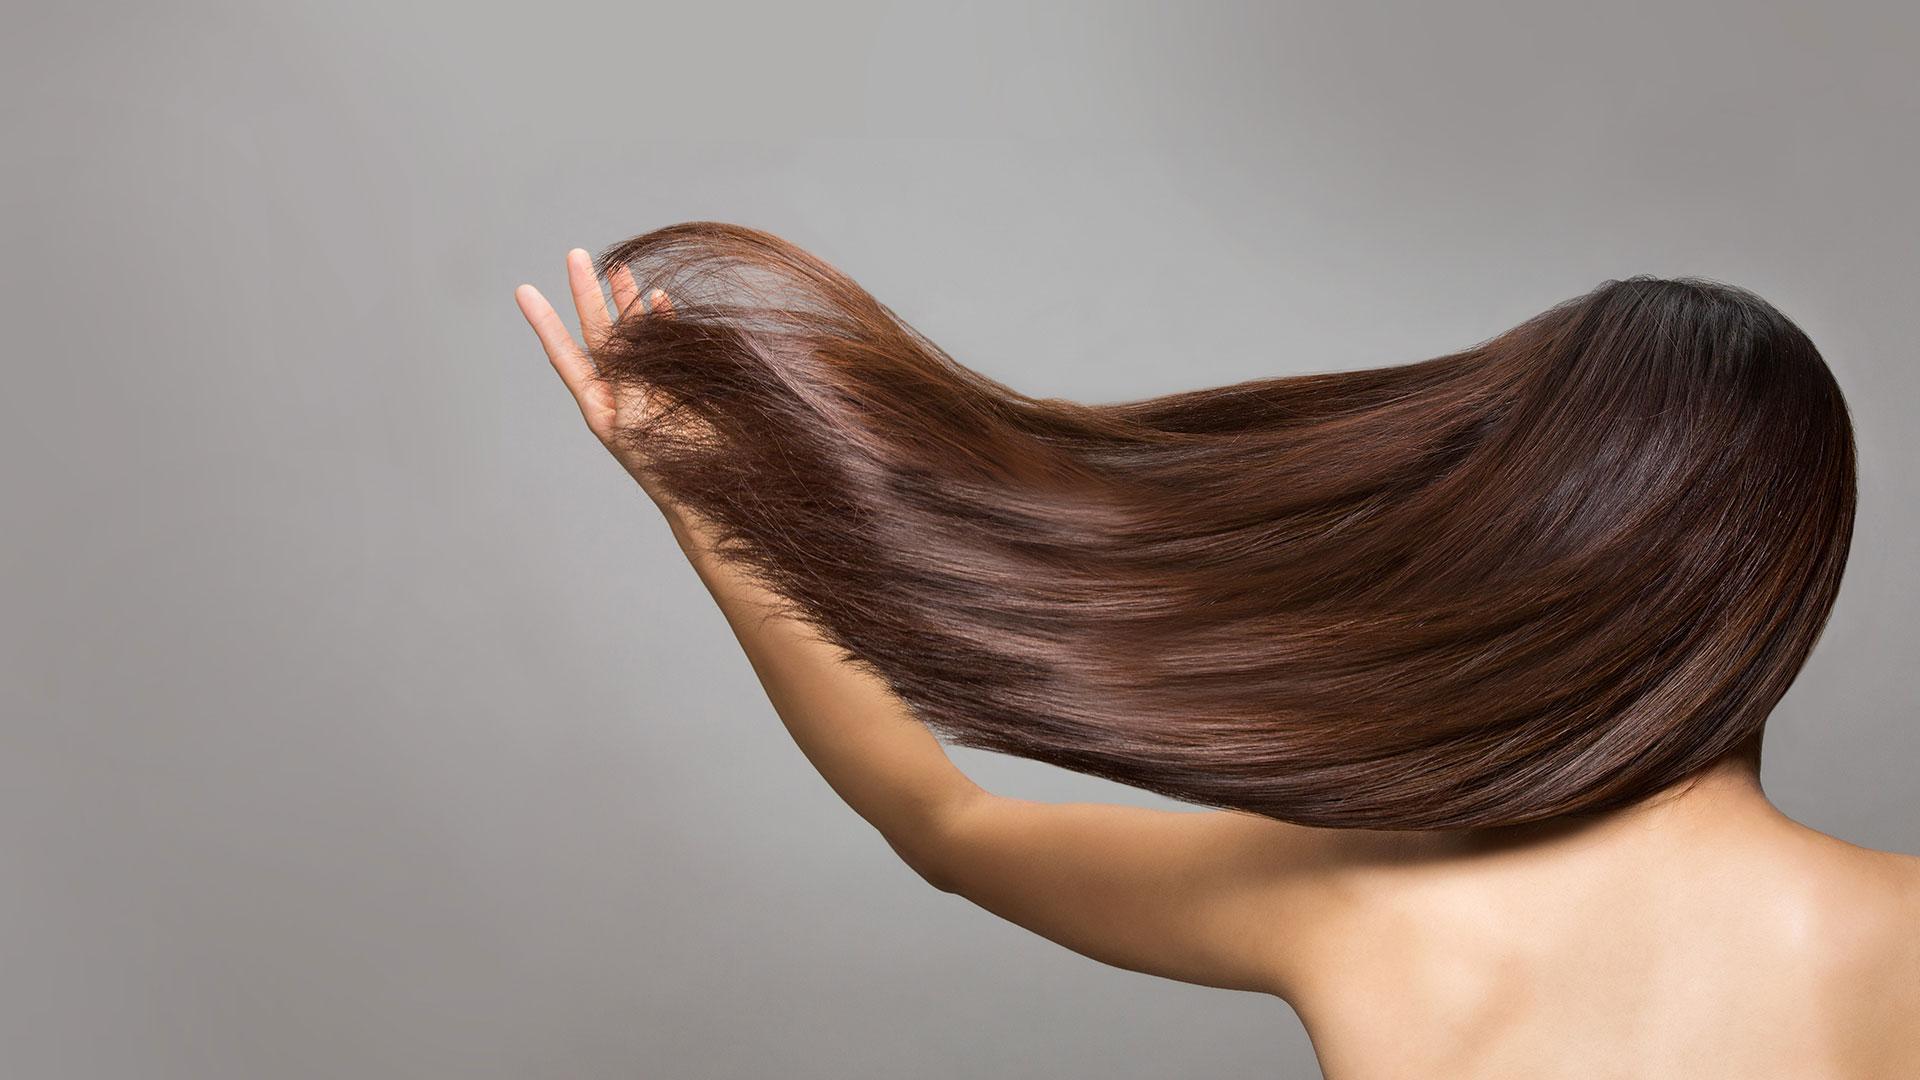 お風呂上がりにするだけで髪がキレイになる方法|ブログ|銀座美容室 ...